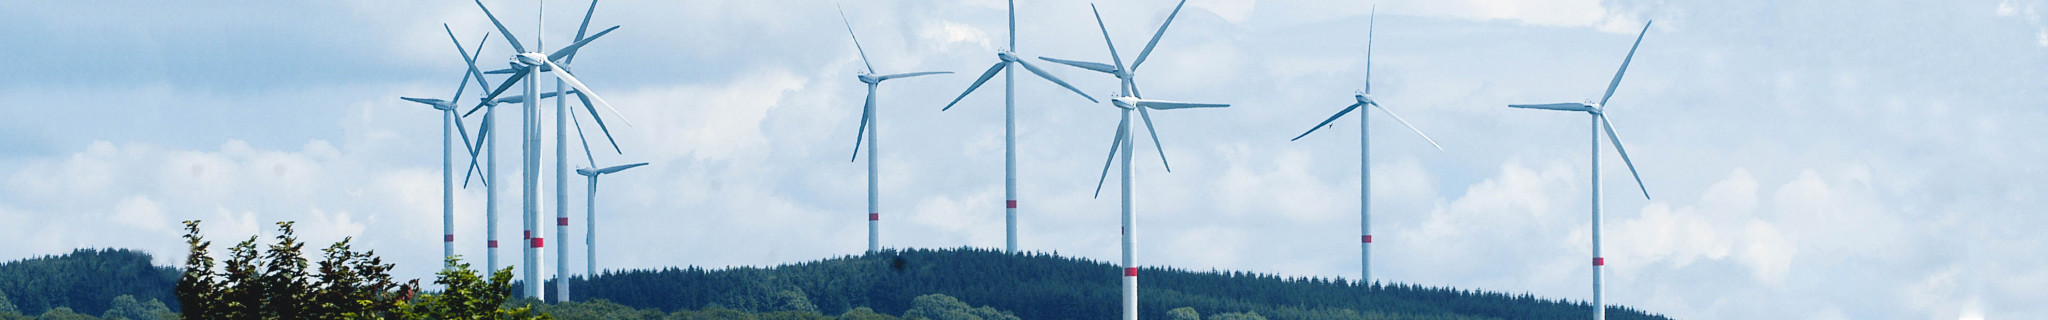 Windpark-Westerwald